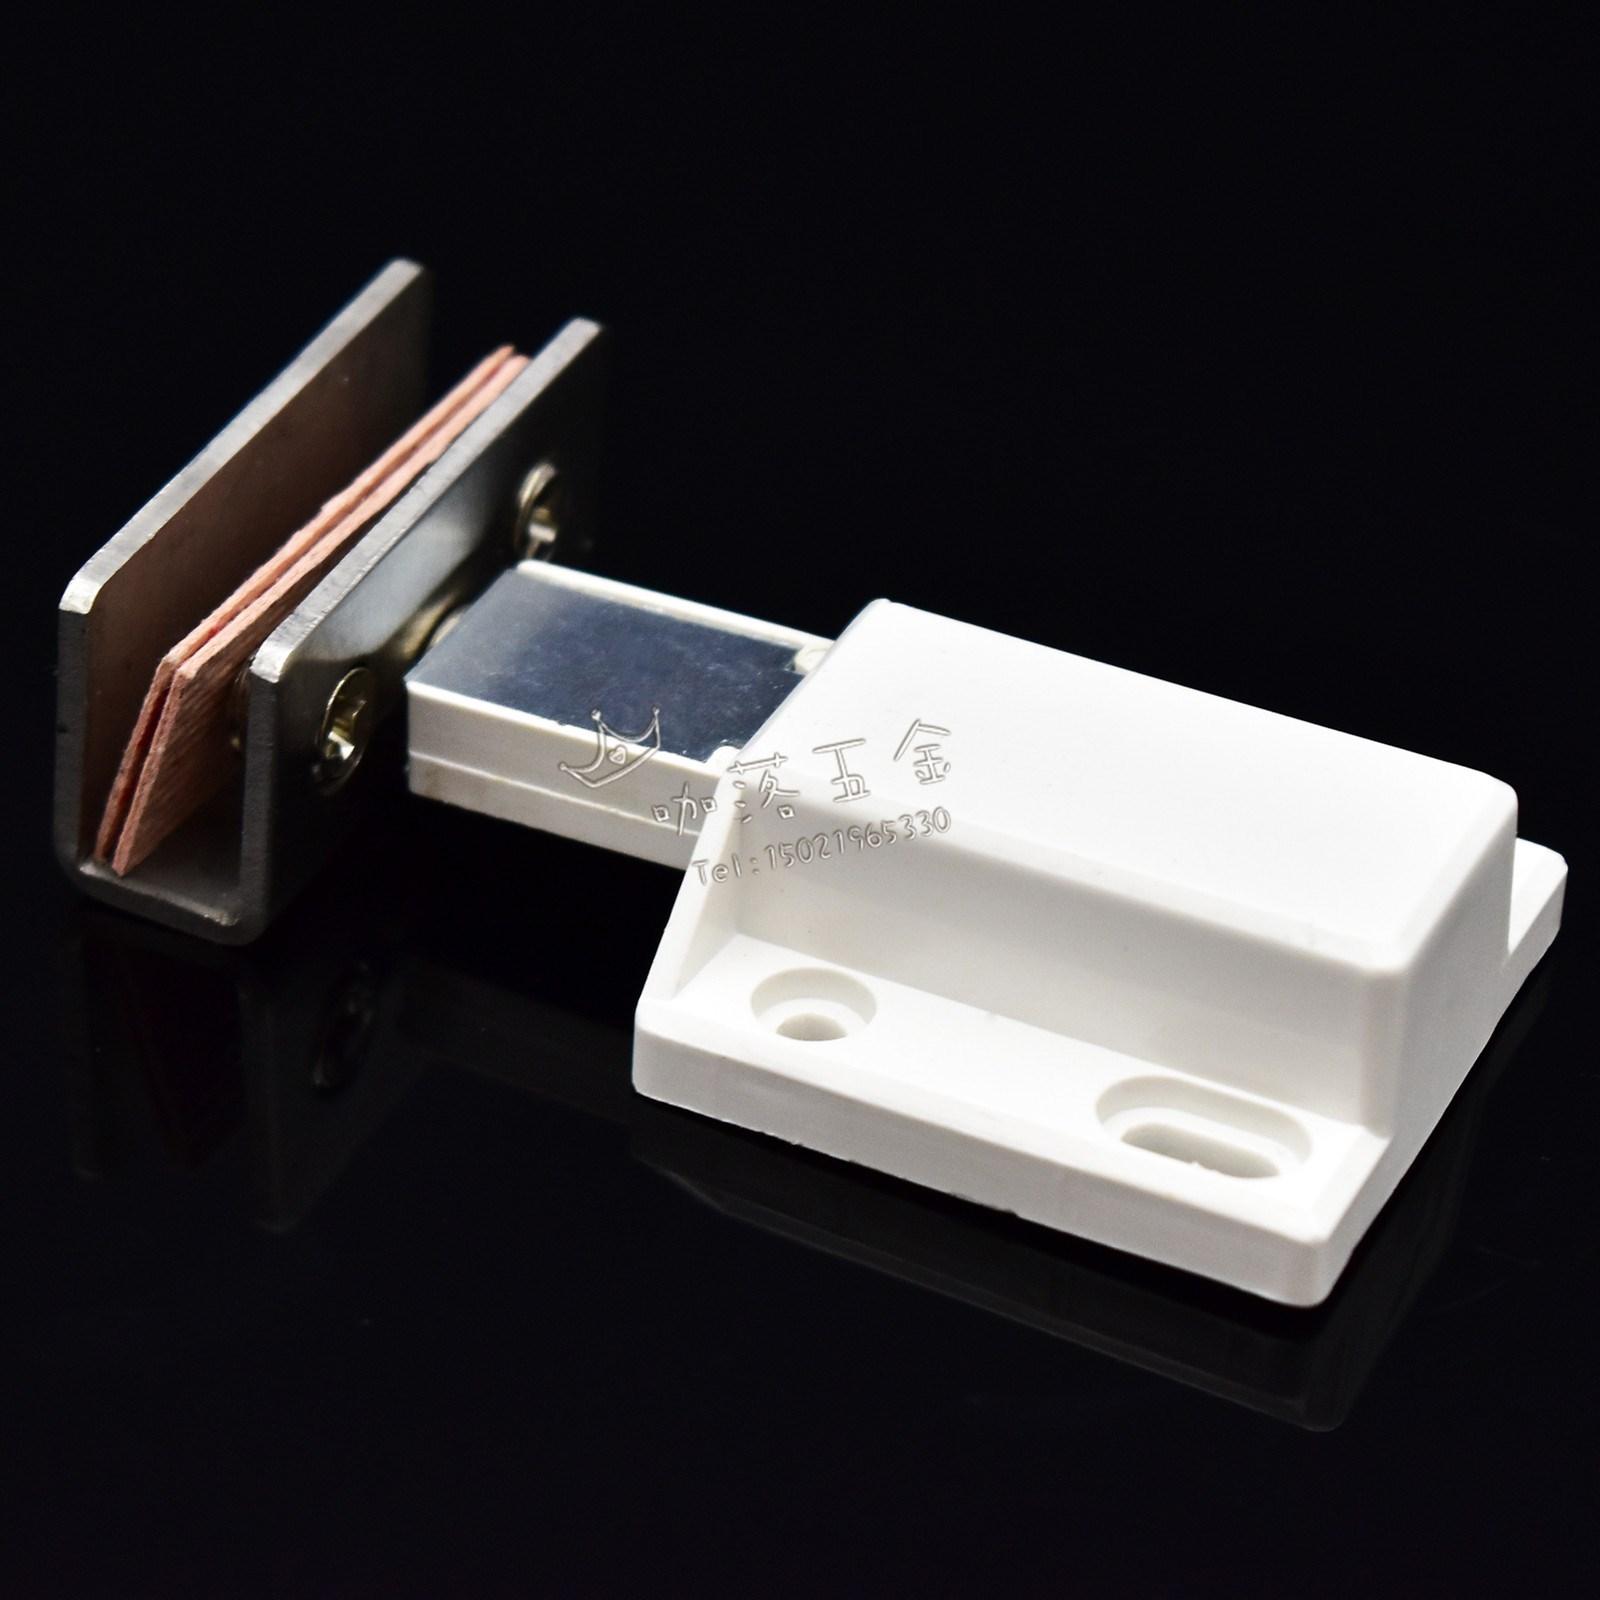 包邮单门不锈钢玻璃磁碰磁夹玻璃开关玻璃柜吸门吸磁吸碰珠柜门夹